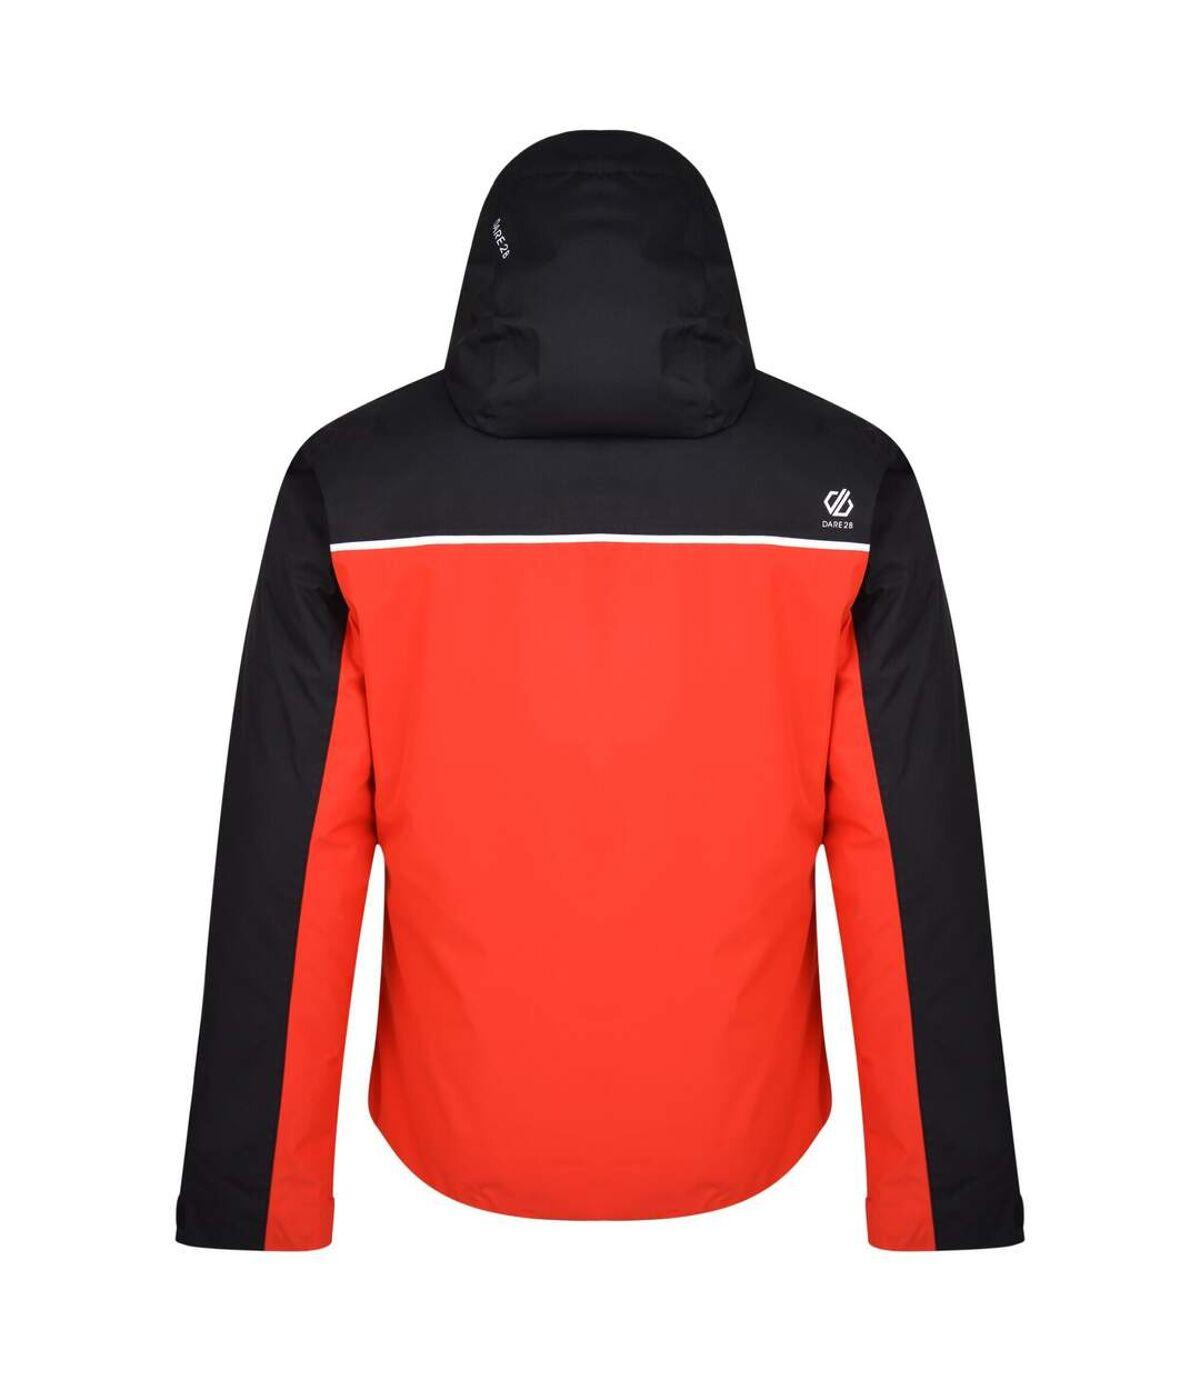 Dare 2B - Veste de ski EXPANSE - Homme (Noir/rouge) - UTRG4327